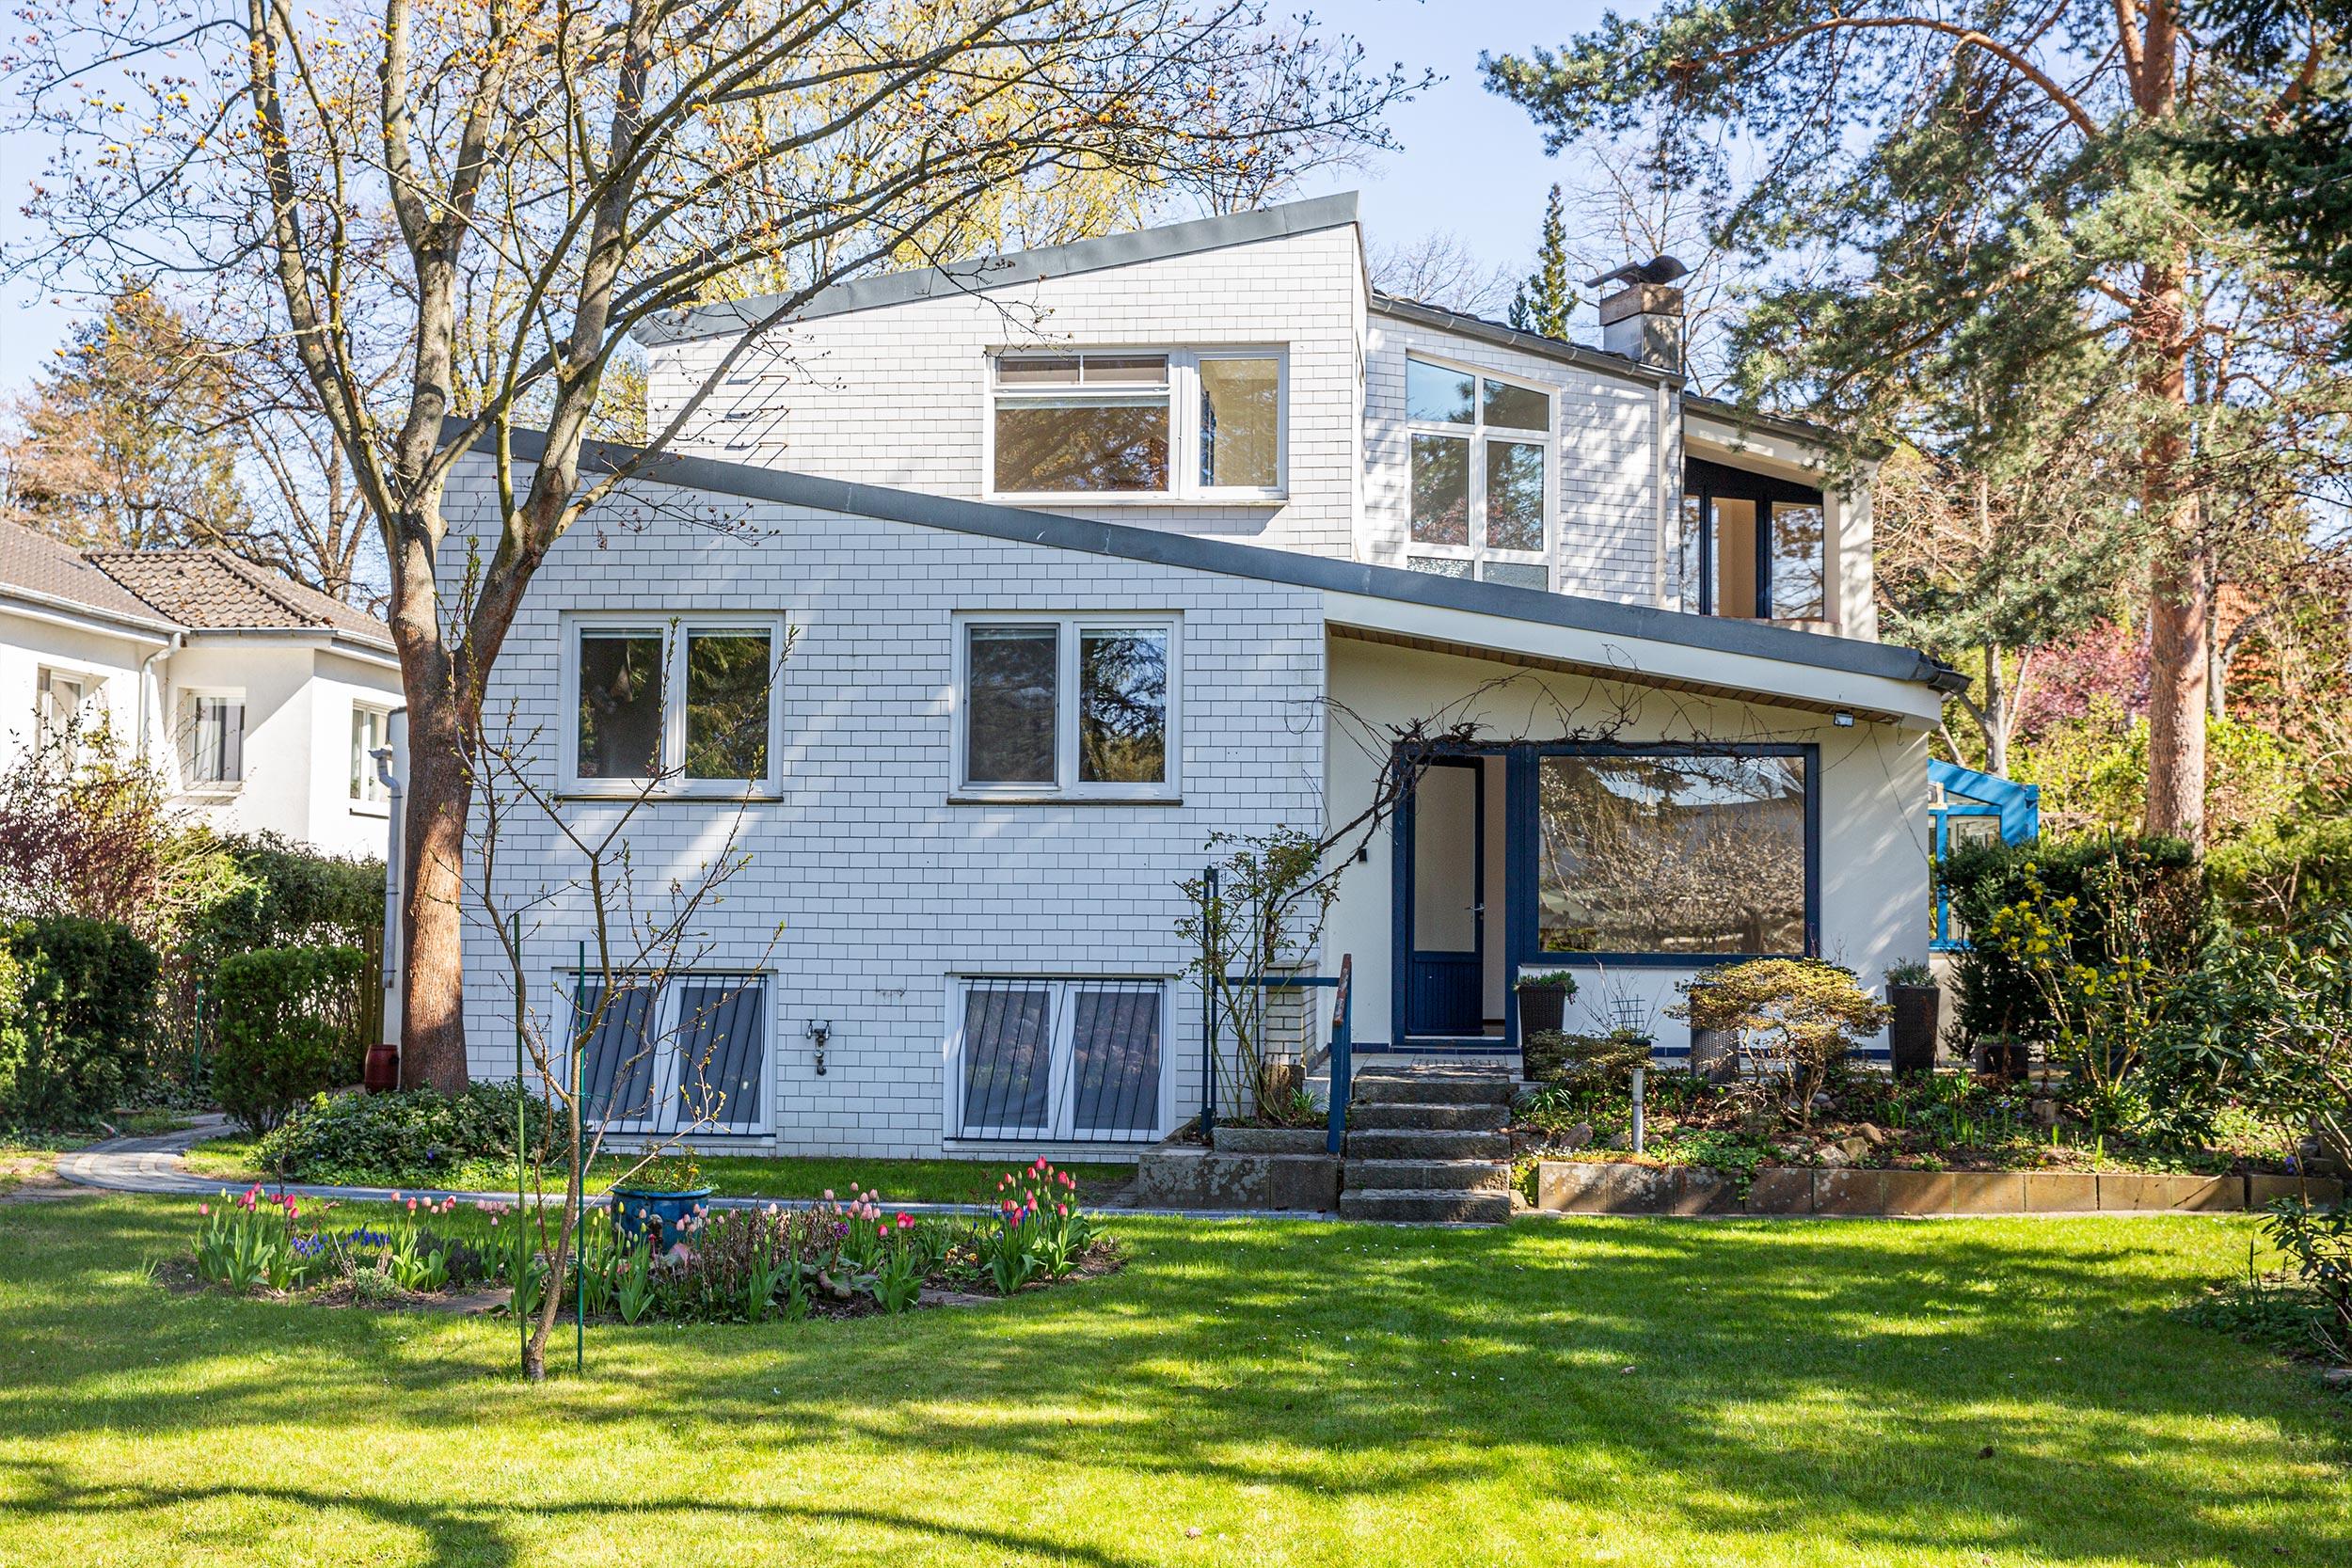 Ideal für Mehrgenerationen-Wohnen: das Haus verfügt über eine Einliegerwohnung